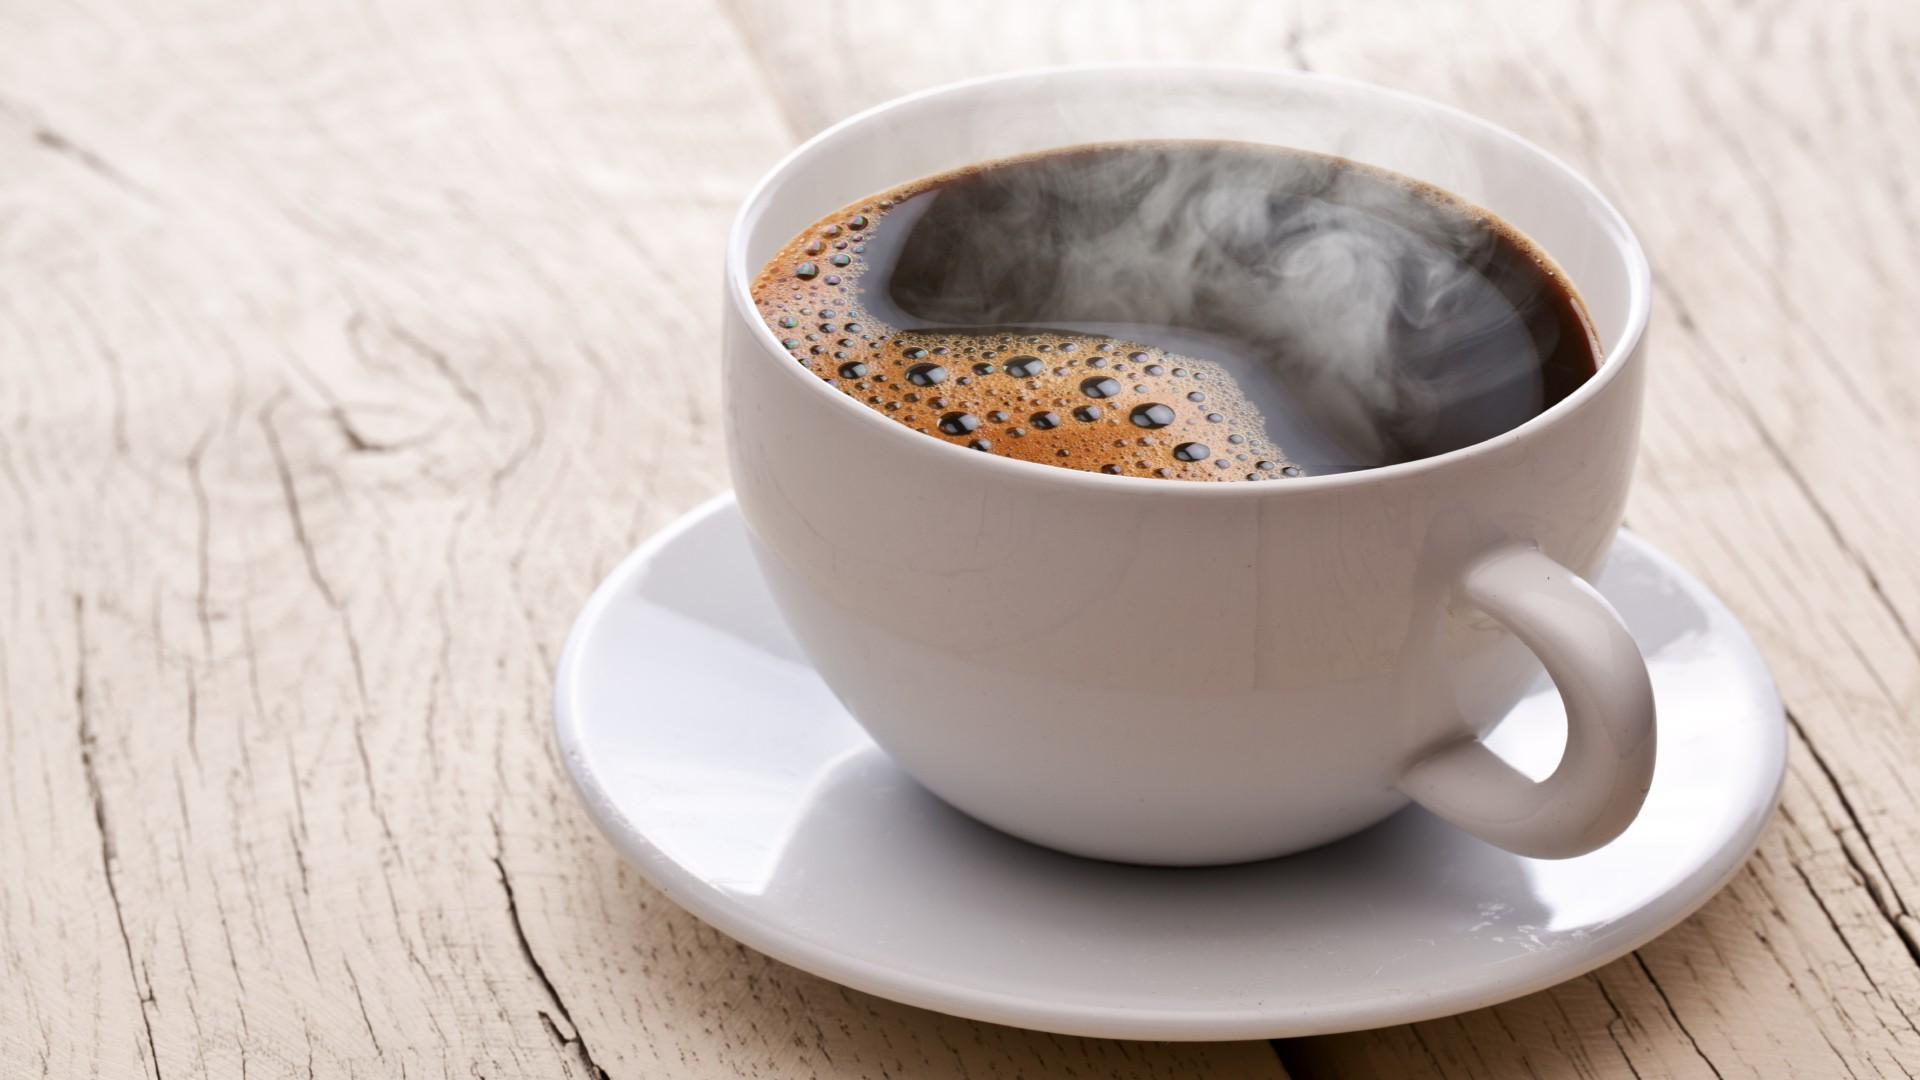 приготолвение кофе для похудения фото